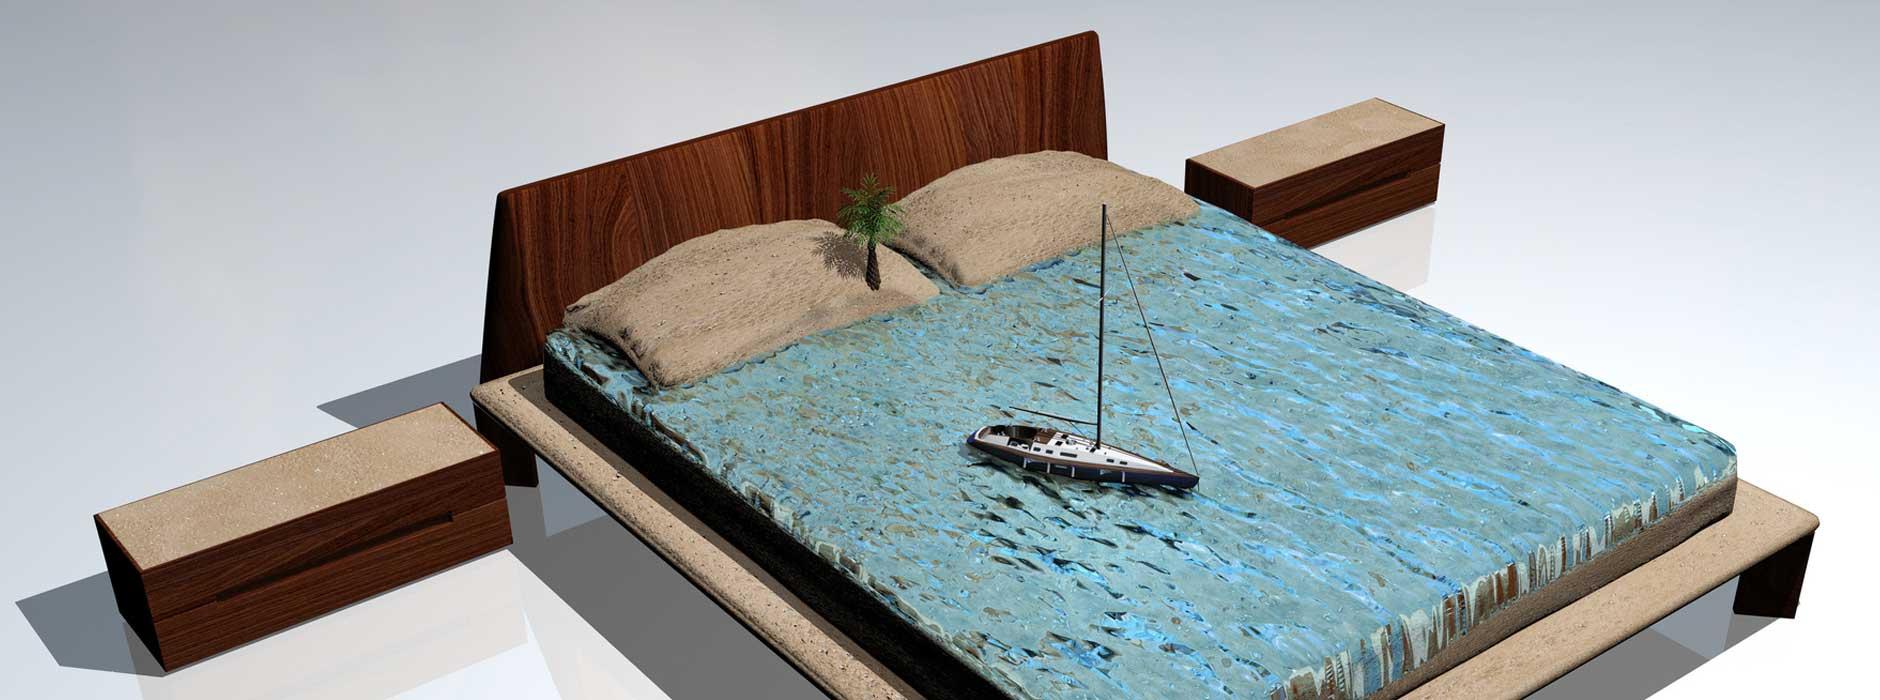 wasserbetten wellness f r ihr schlafzimmer ratgeber magazin tipps von. Black Bedroom Furniture Sets. Home Design Ideas